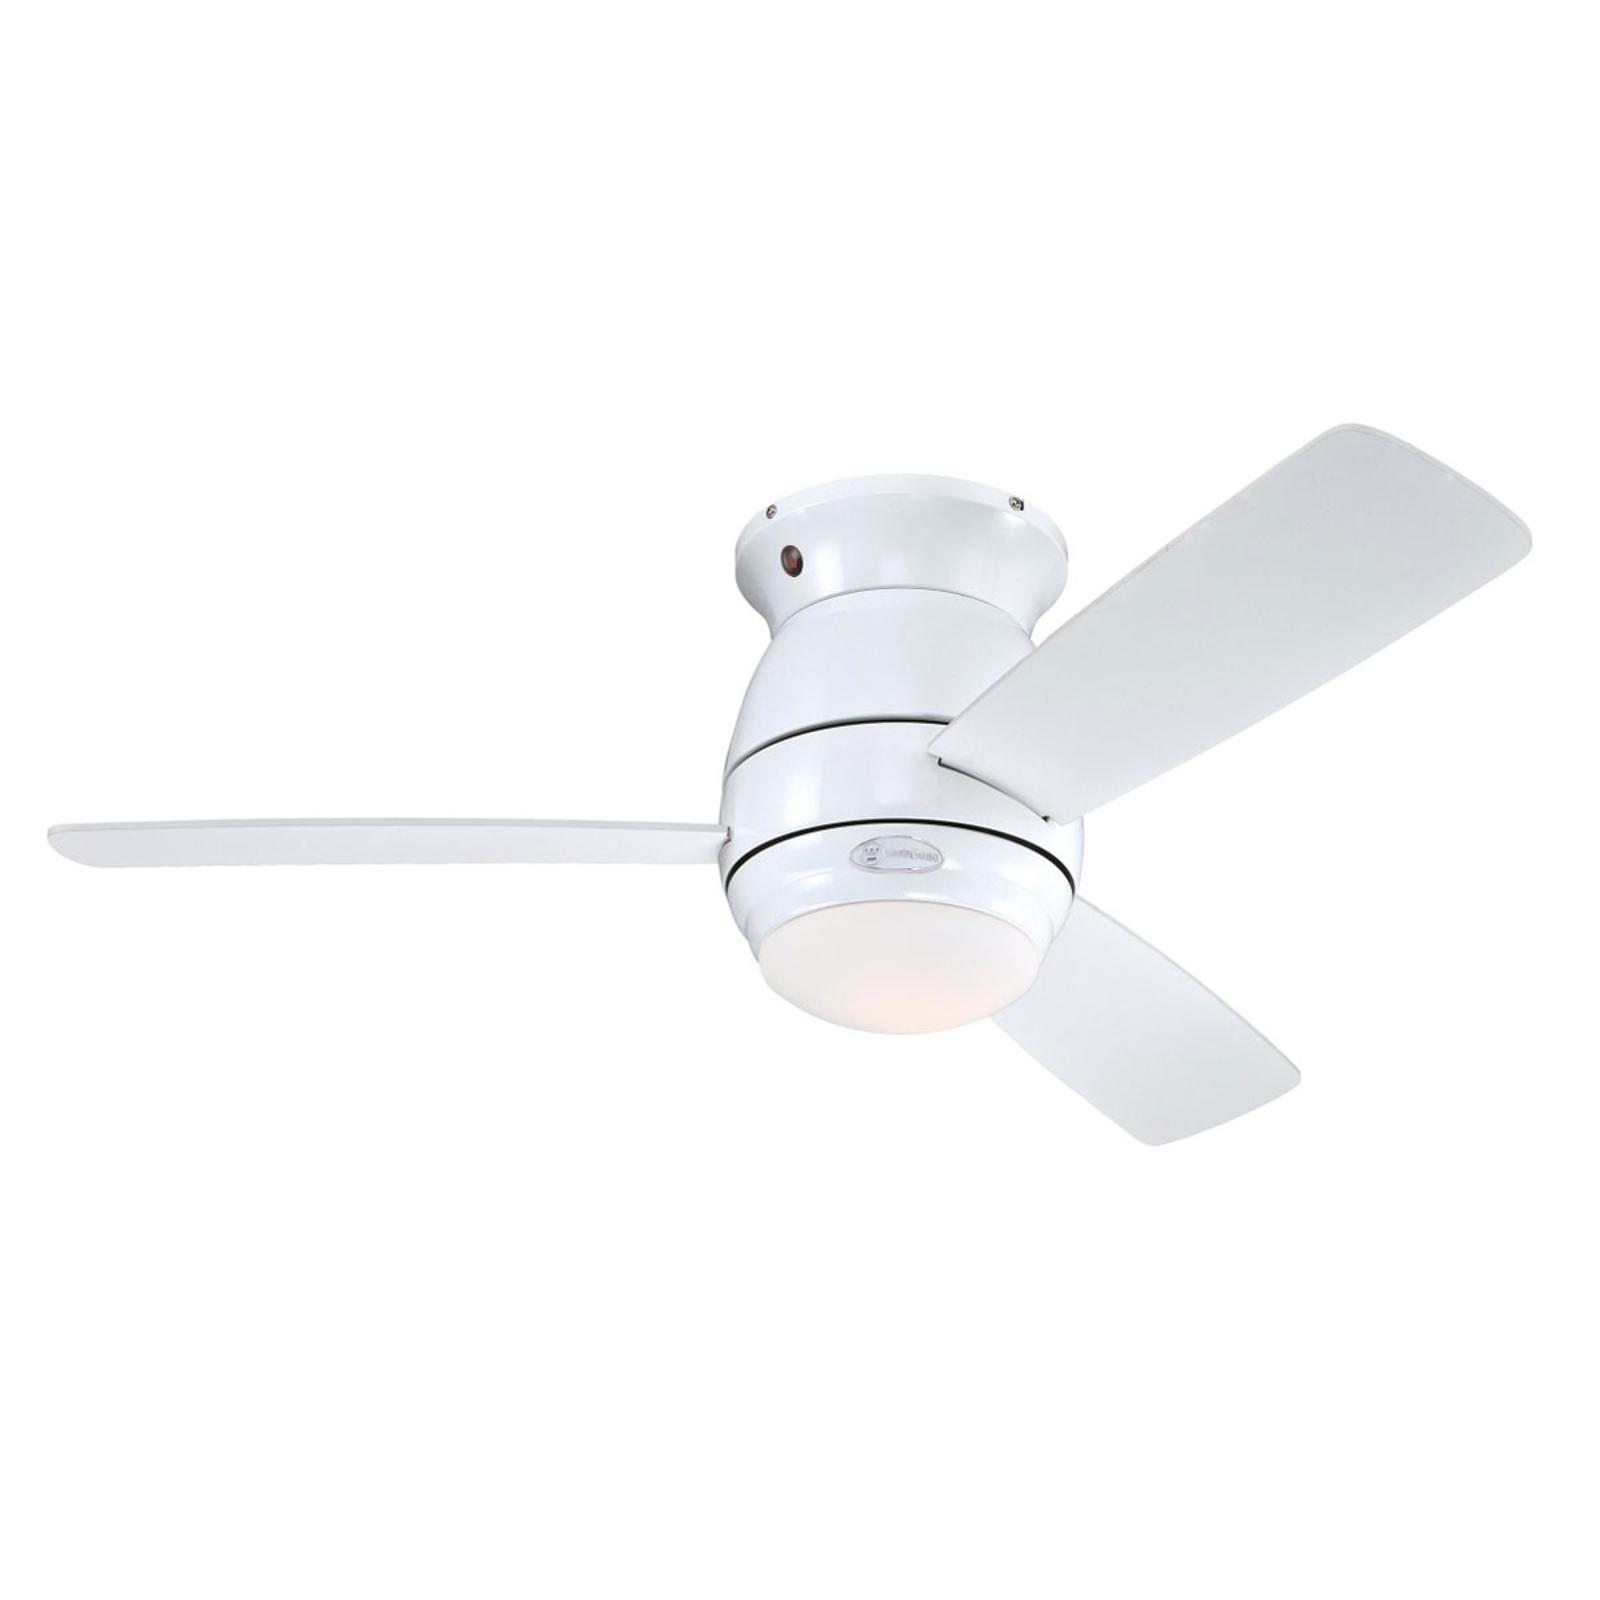 Westinghouse Halley ventilateur, blanc/érable